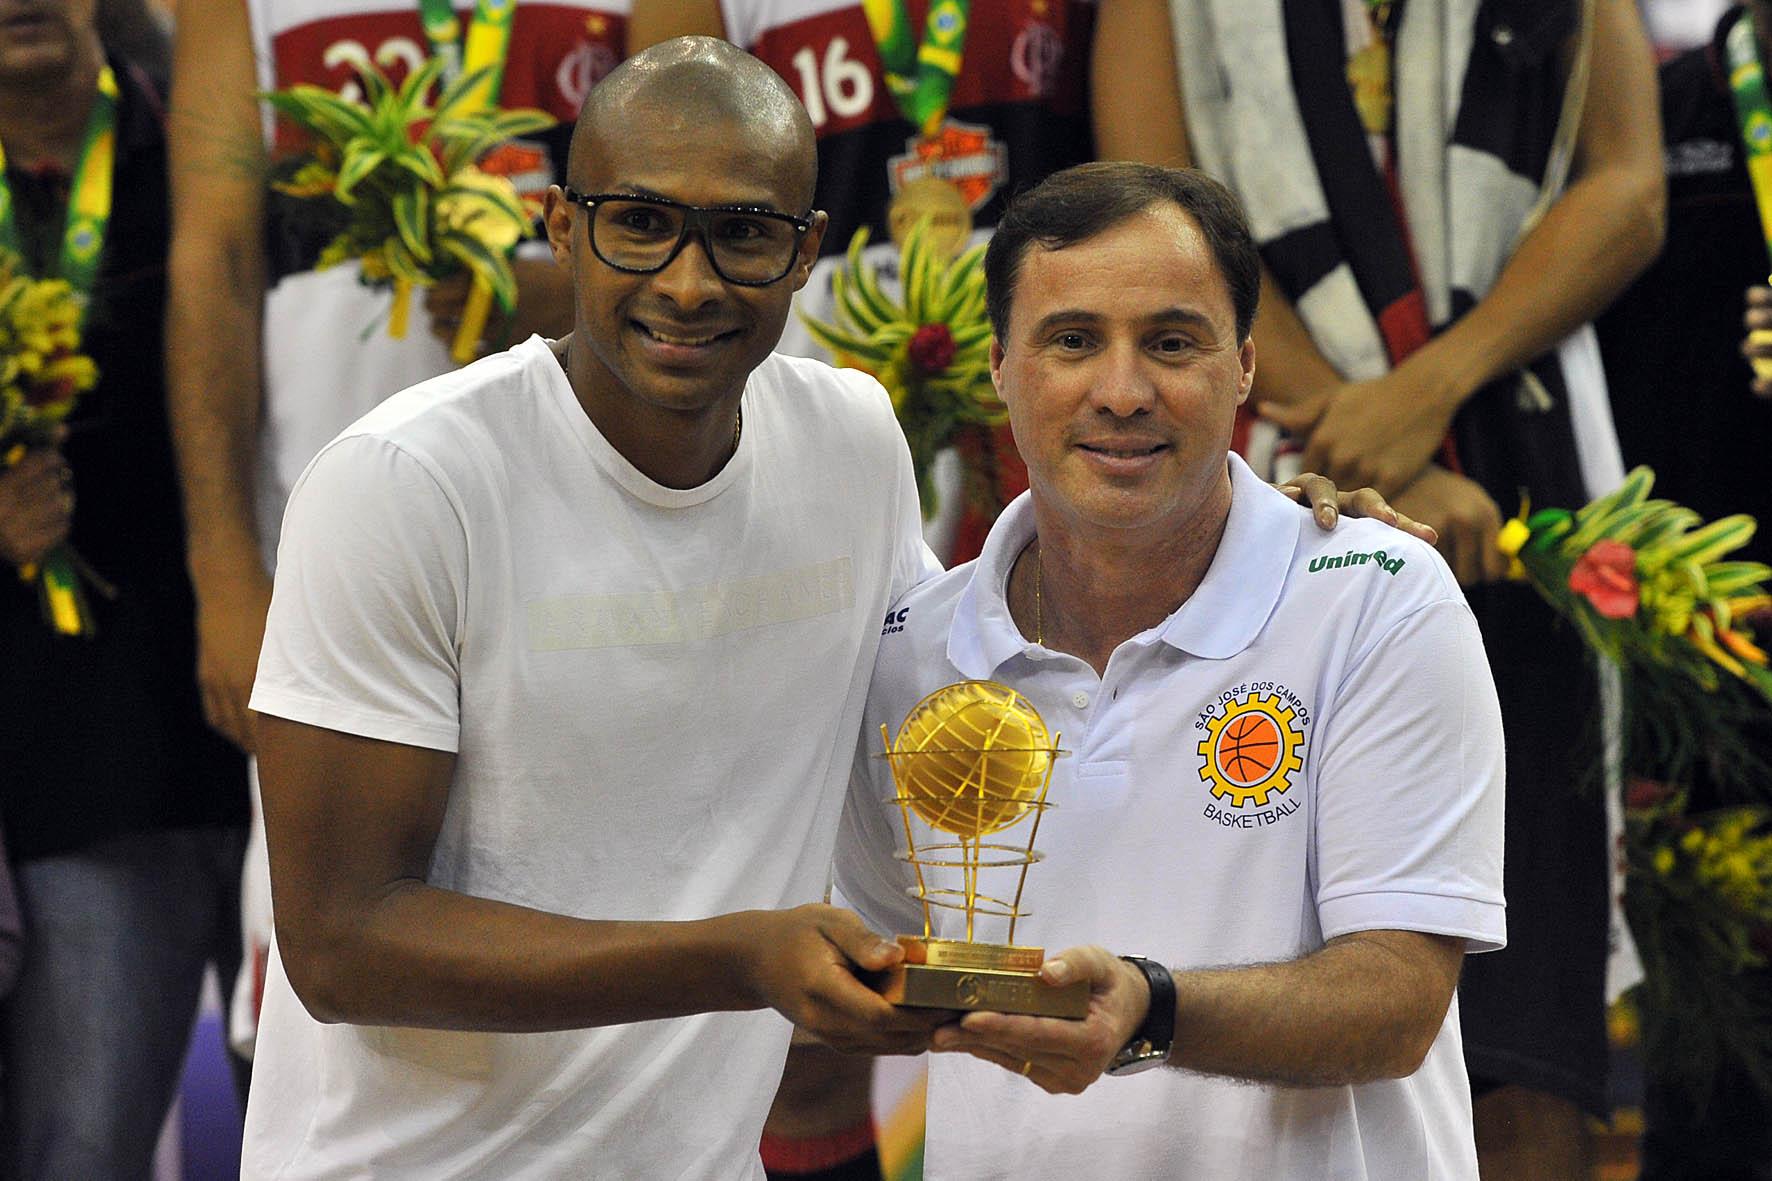 Régis Marrelli recebe troféu de Fúlvio, Melhor Armador, de Leandrinho